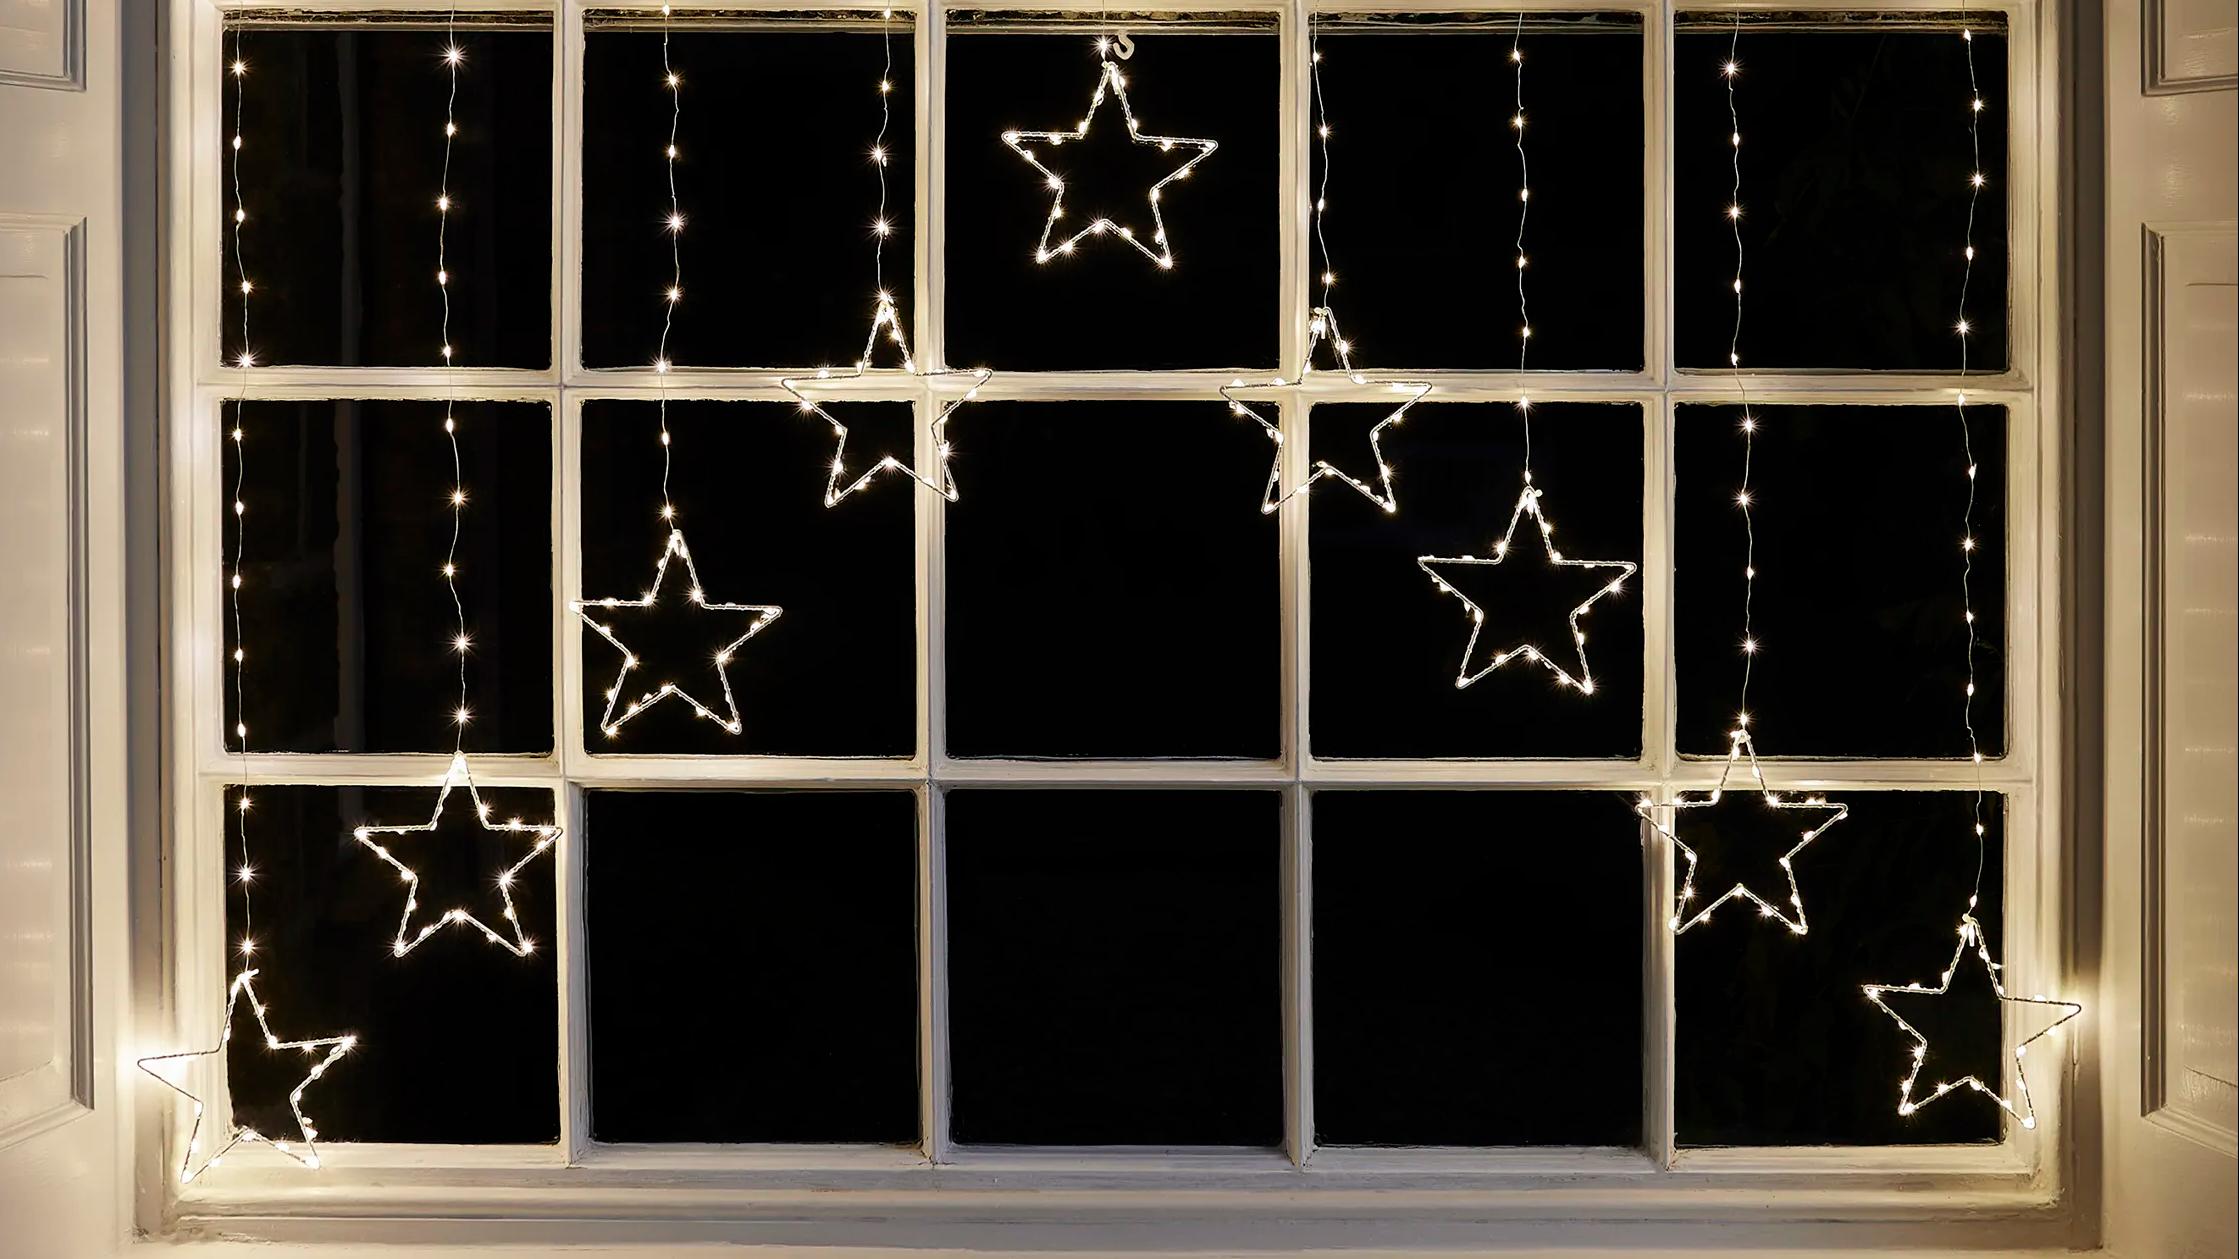 Osby star curtain light illuminated in window